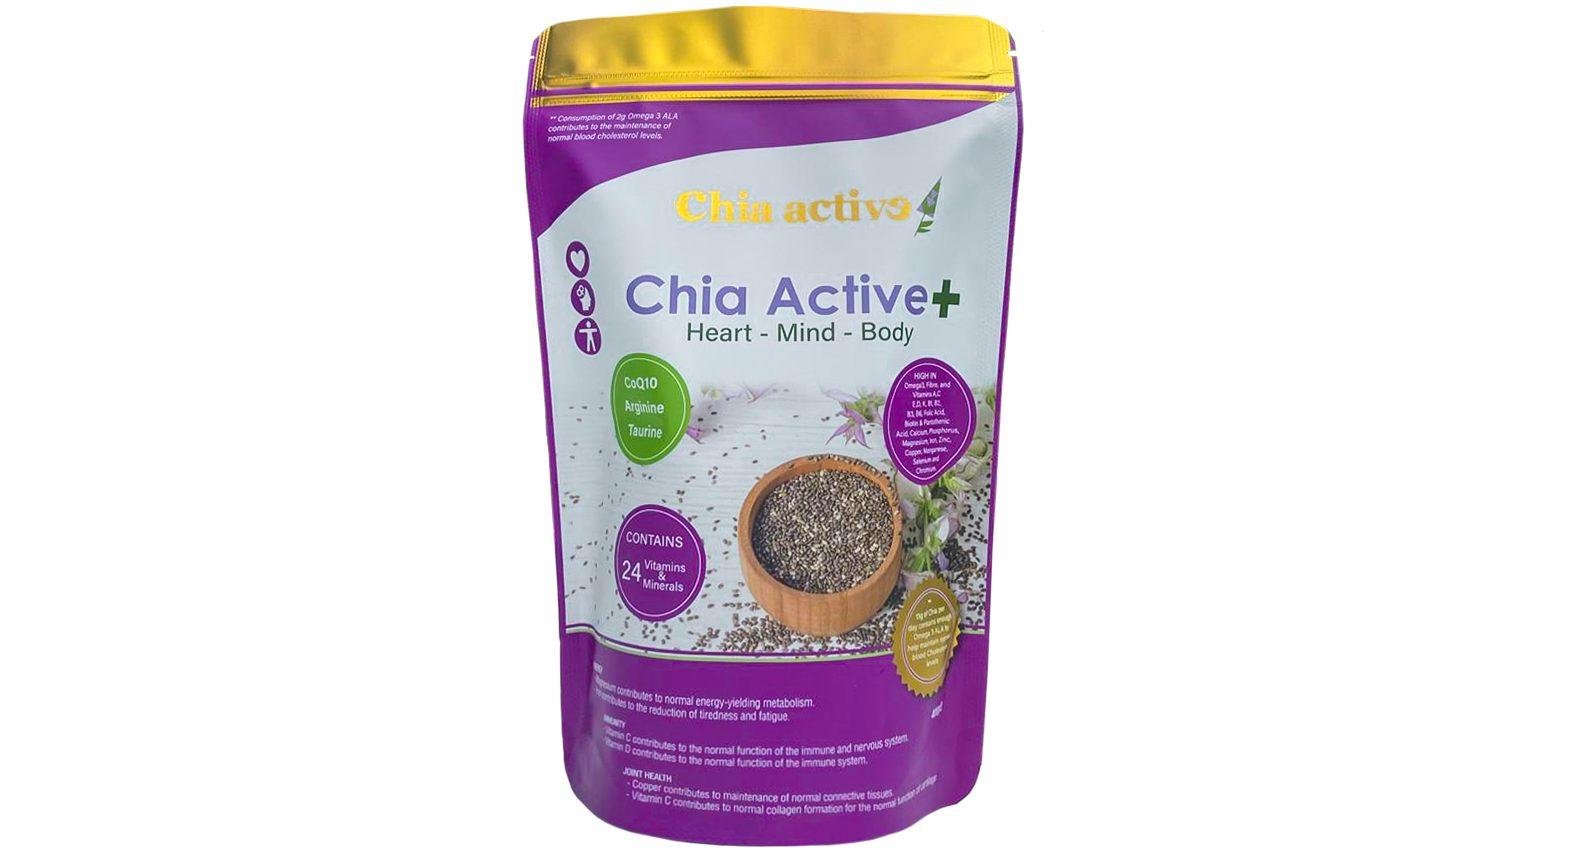 Chia Active